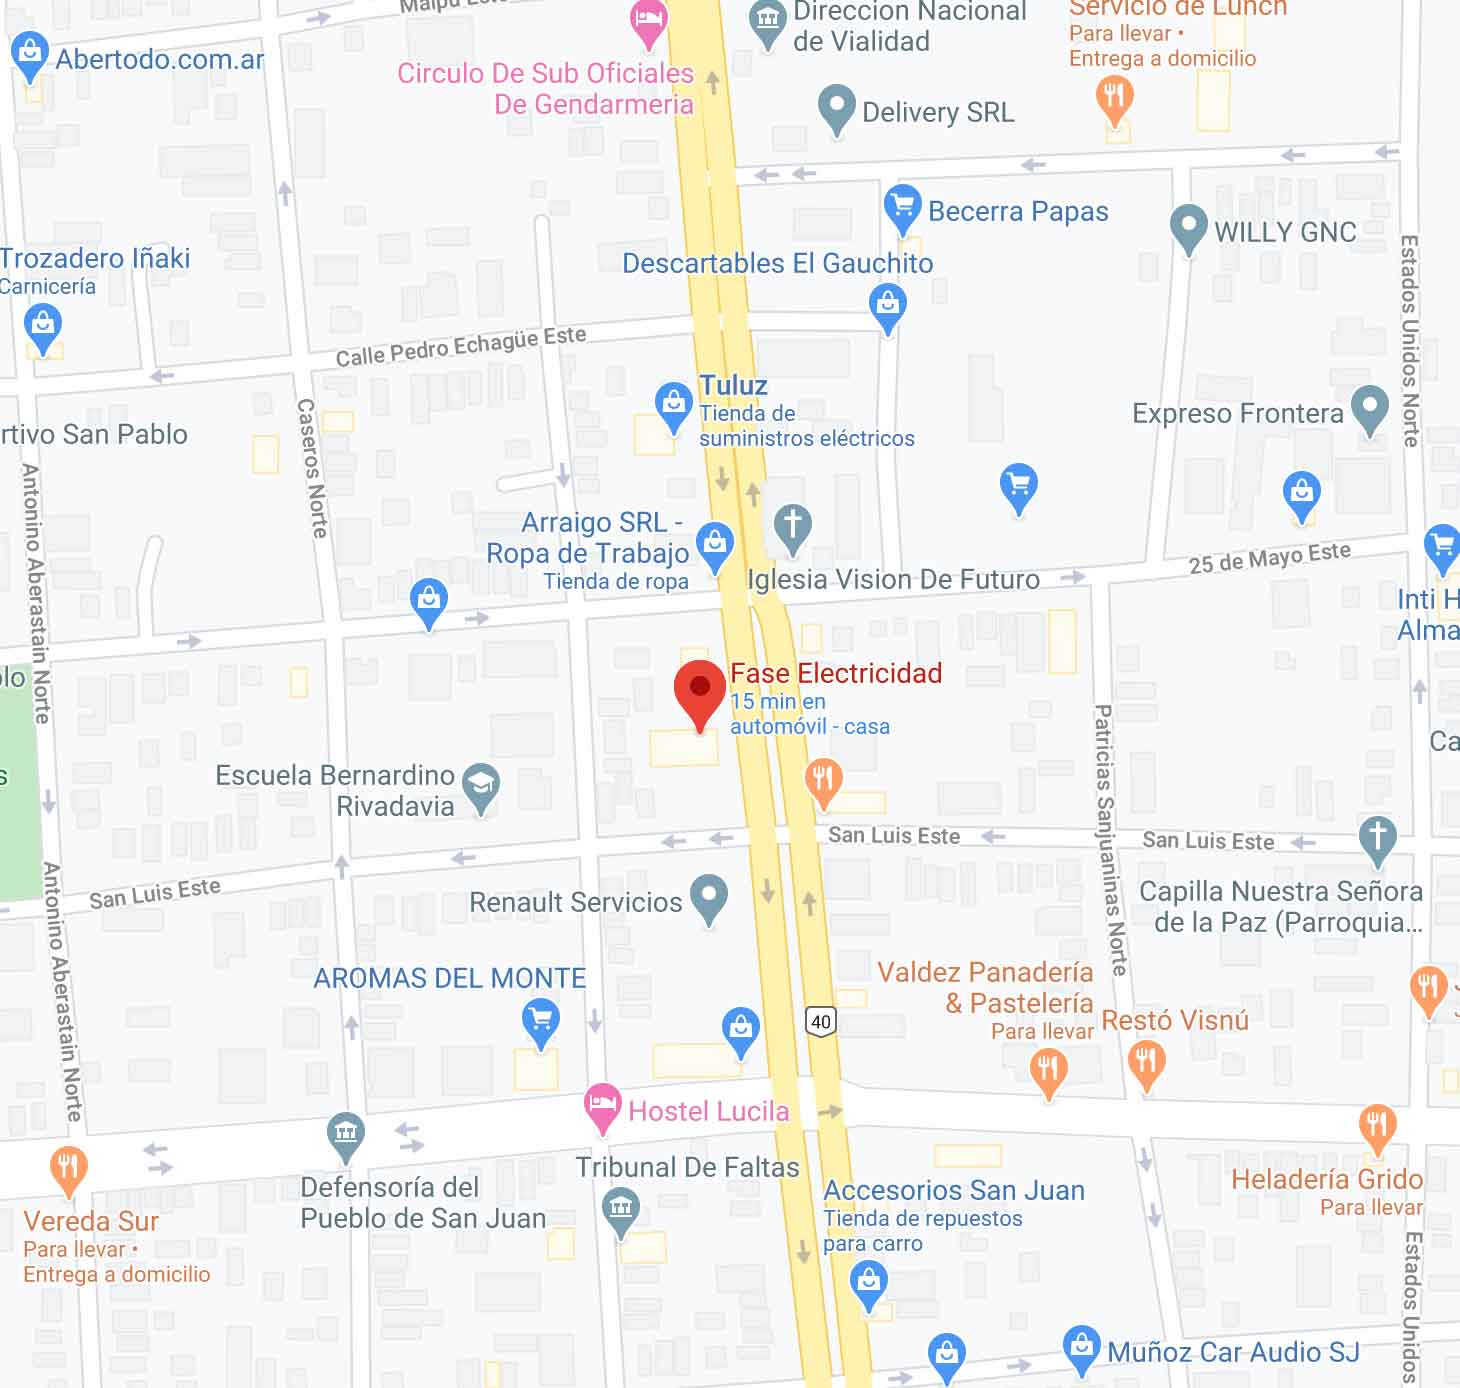 Mapa de ubicación Fase de Electricidad San Juan Argentina.